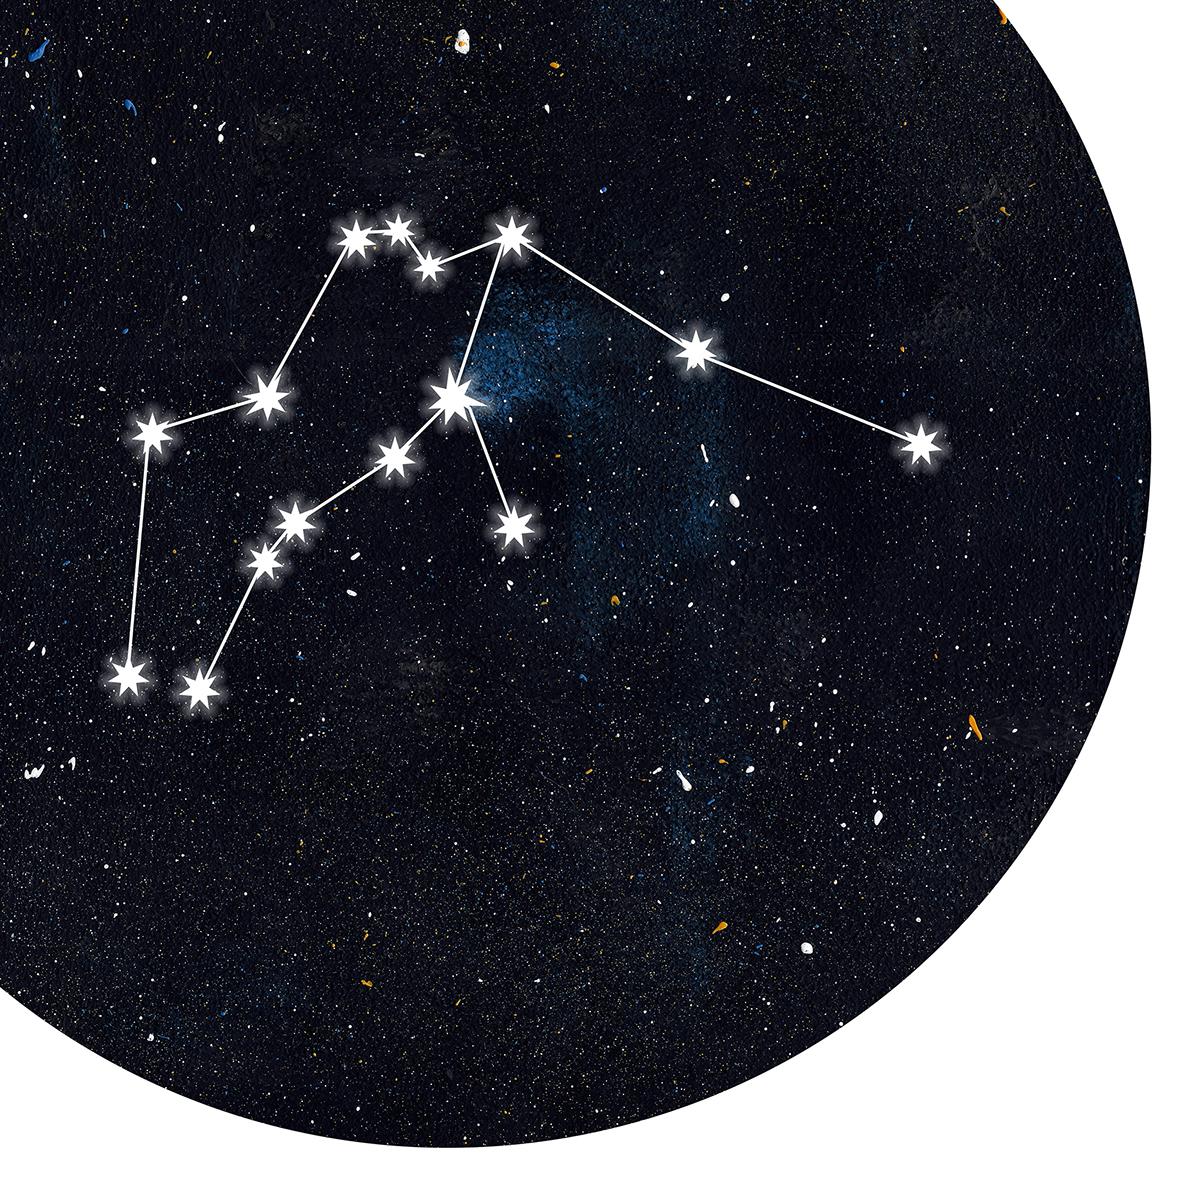 Sternzeichen Wassermann - 2